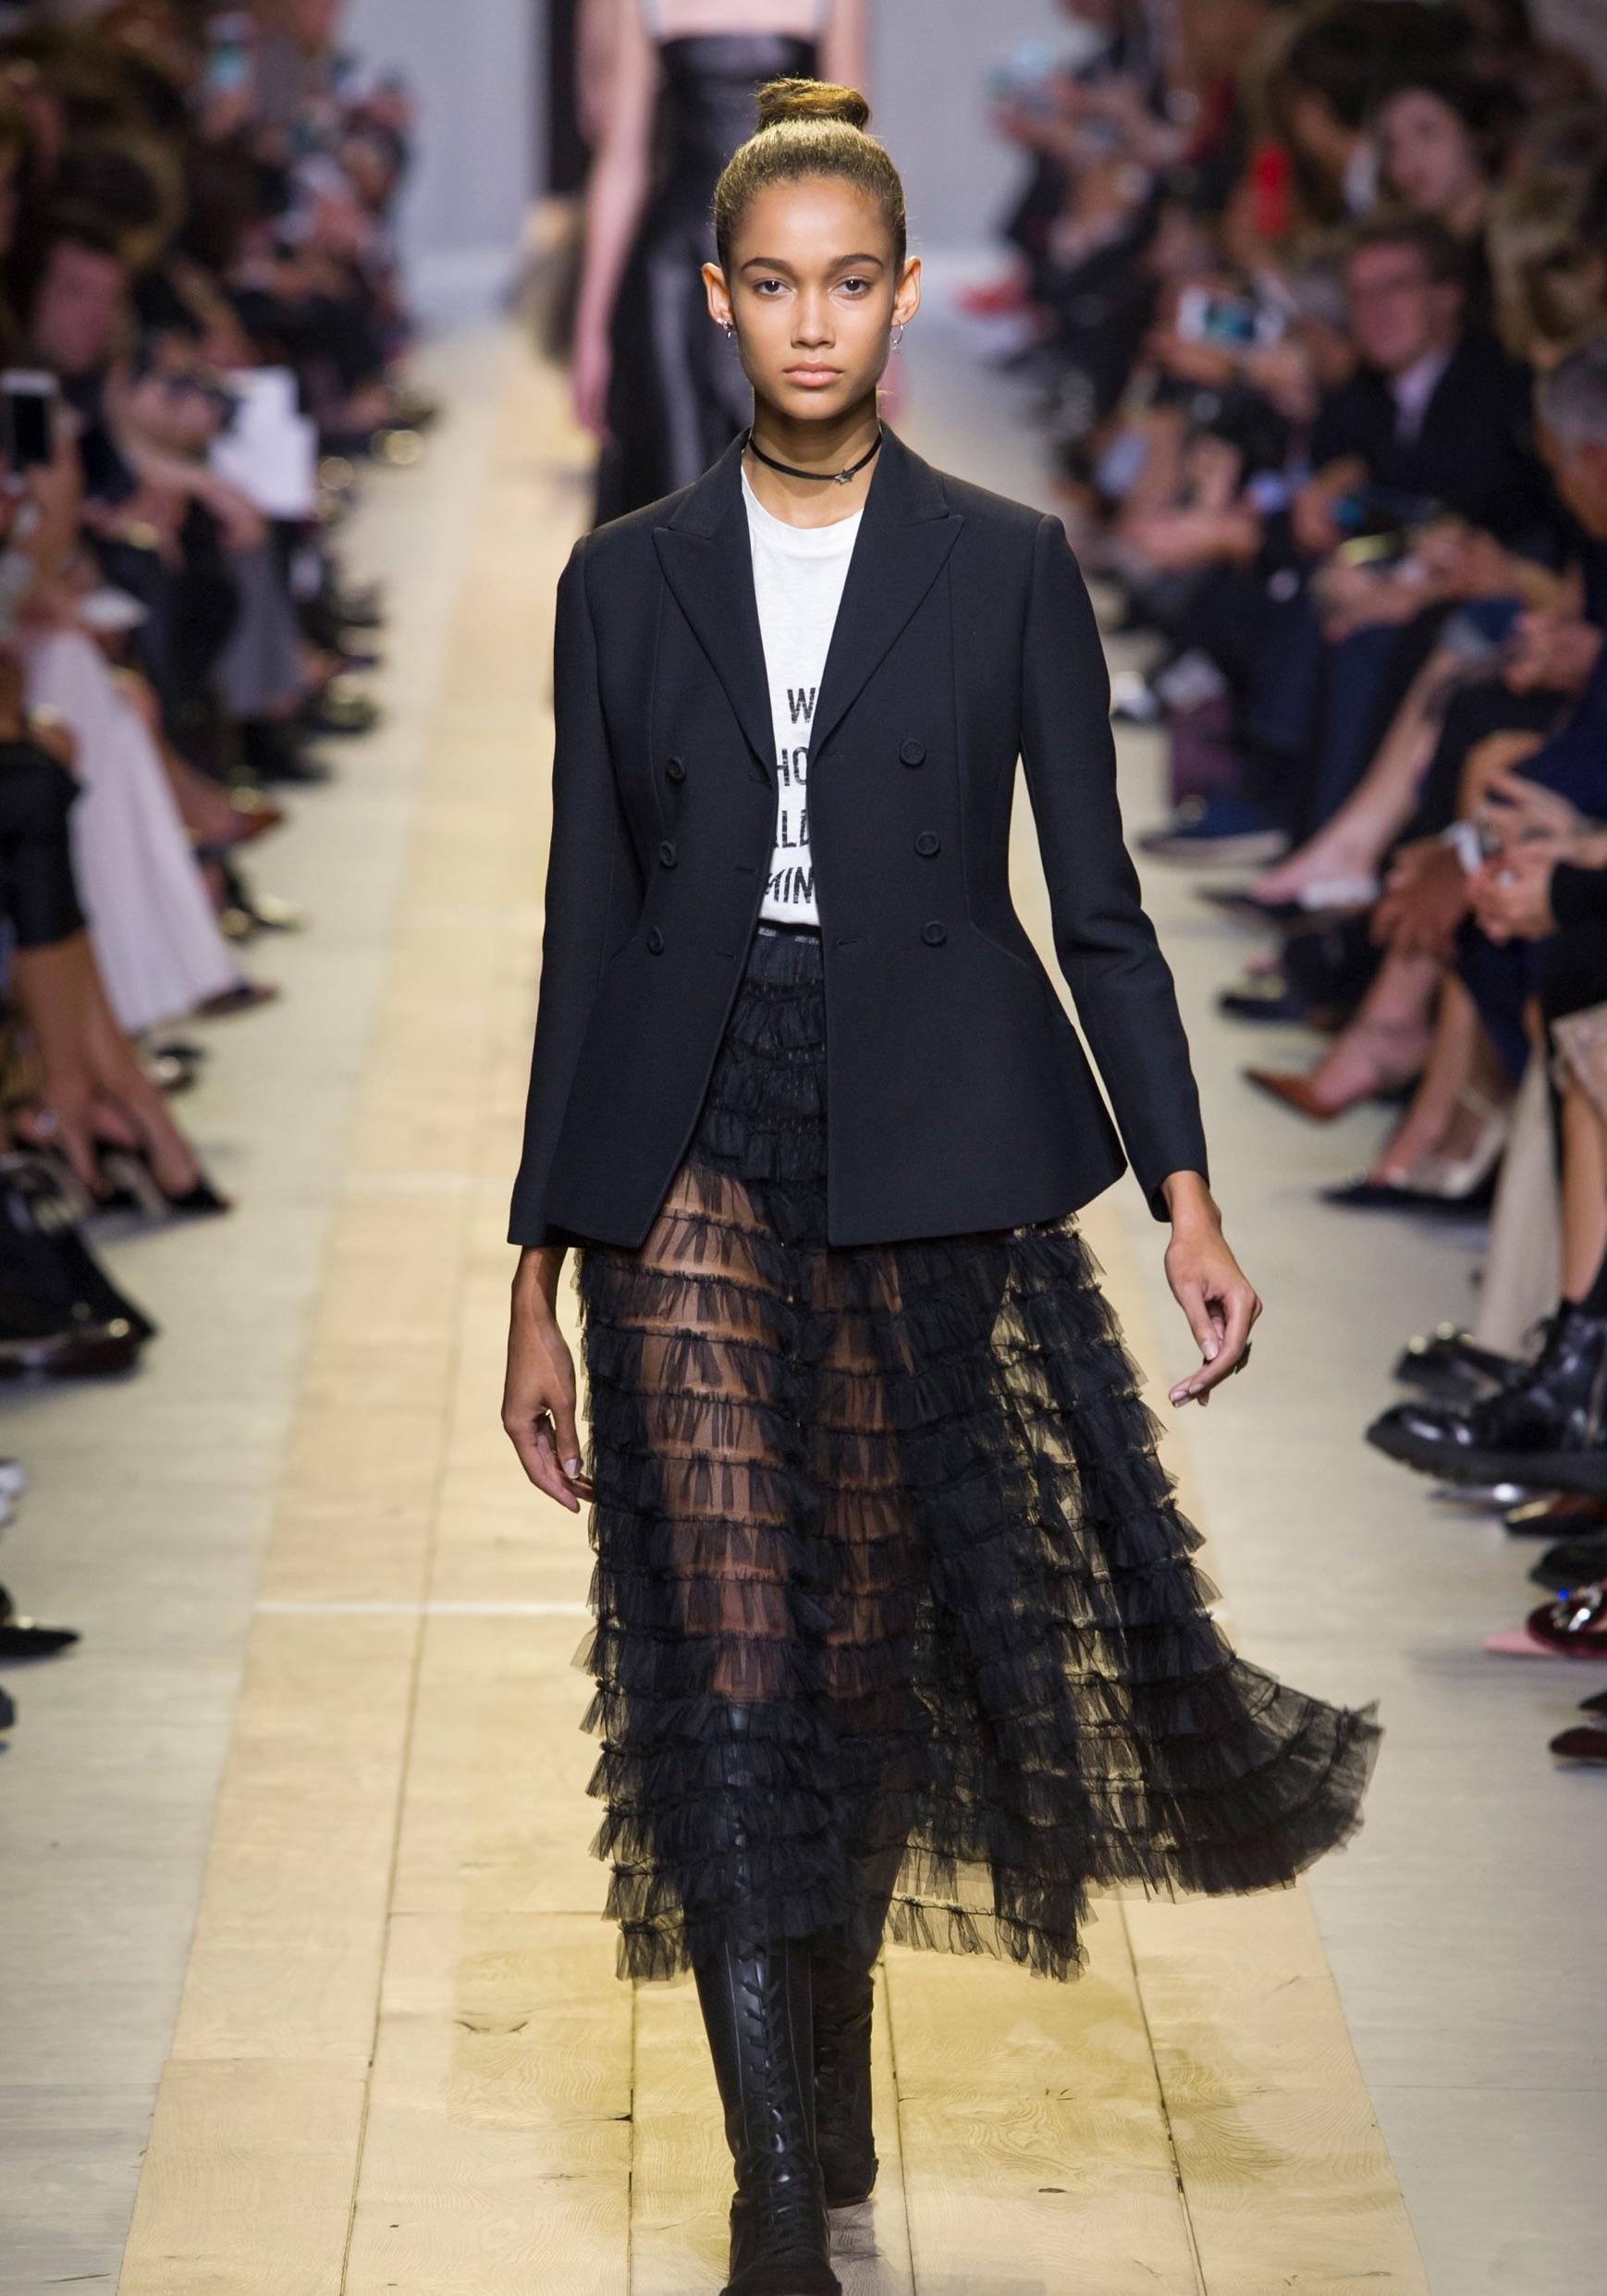 Christian Dior Spring/Summer 2017 Designer Style File